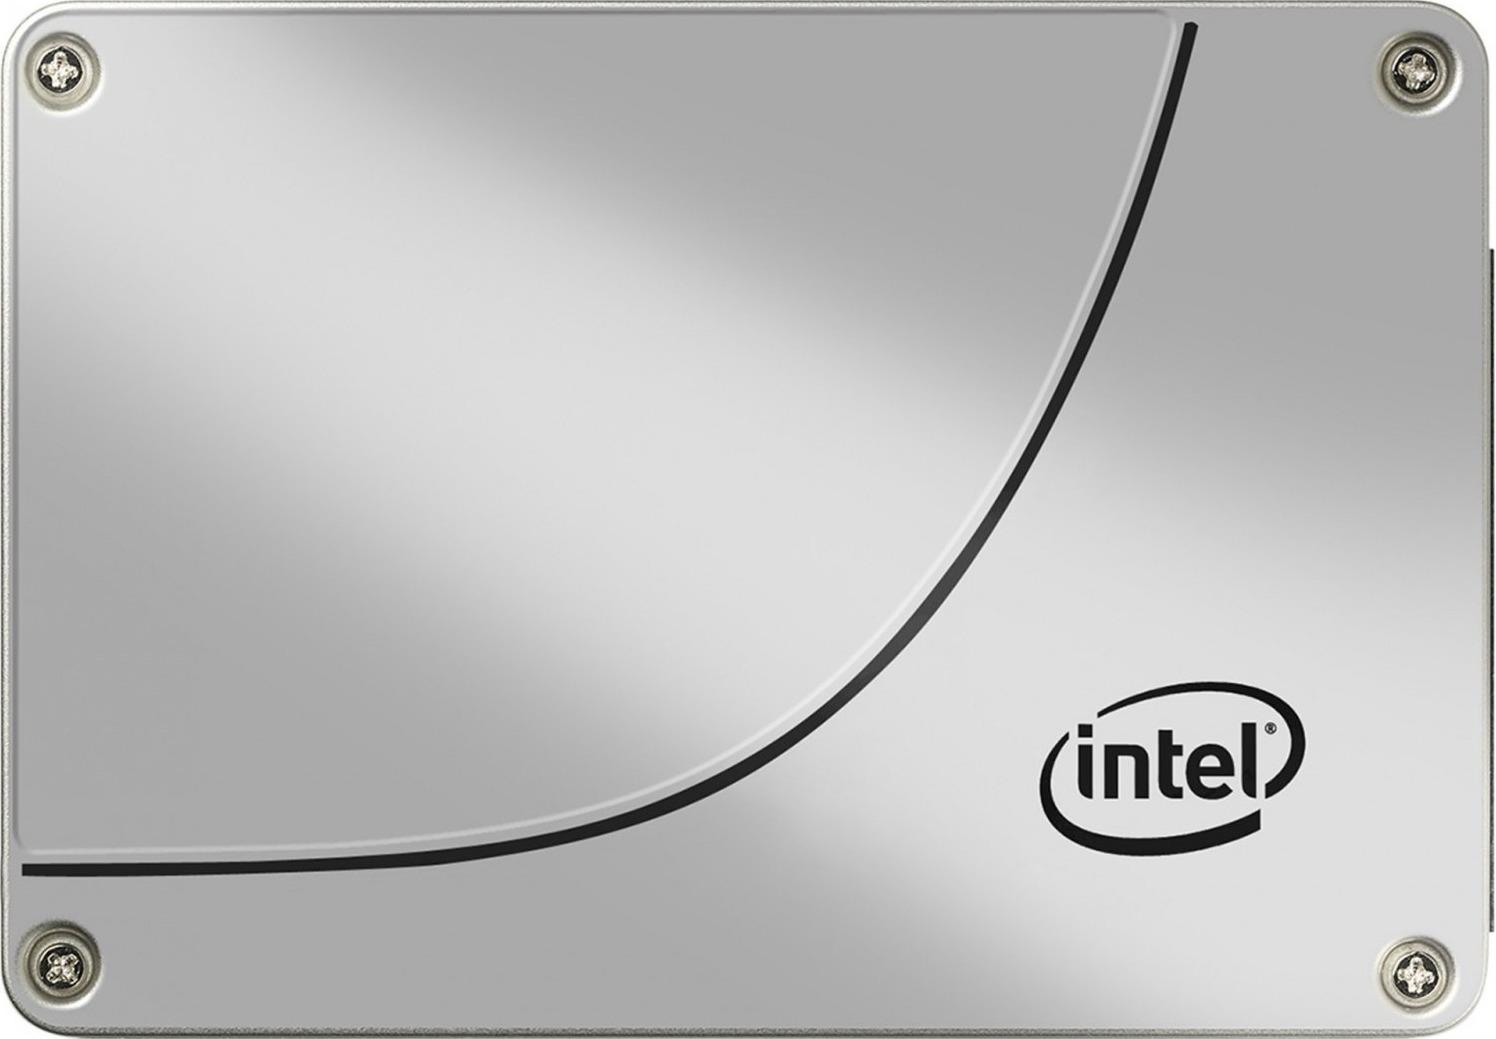 SSD накопитель Intel Original S4600 960GB, SSDSC2KG960G701 956905 твердотельный накопитель ssd intel ssd dc p3520 450gb ssdpe2mx450g701 u 2 2 5 r1200 w600